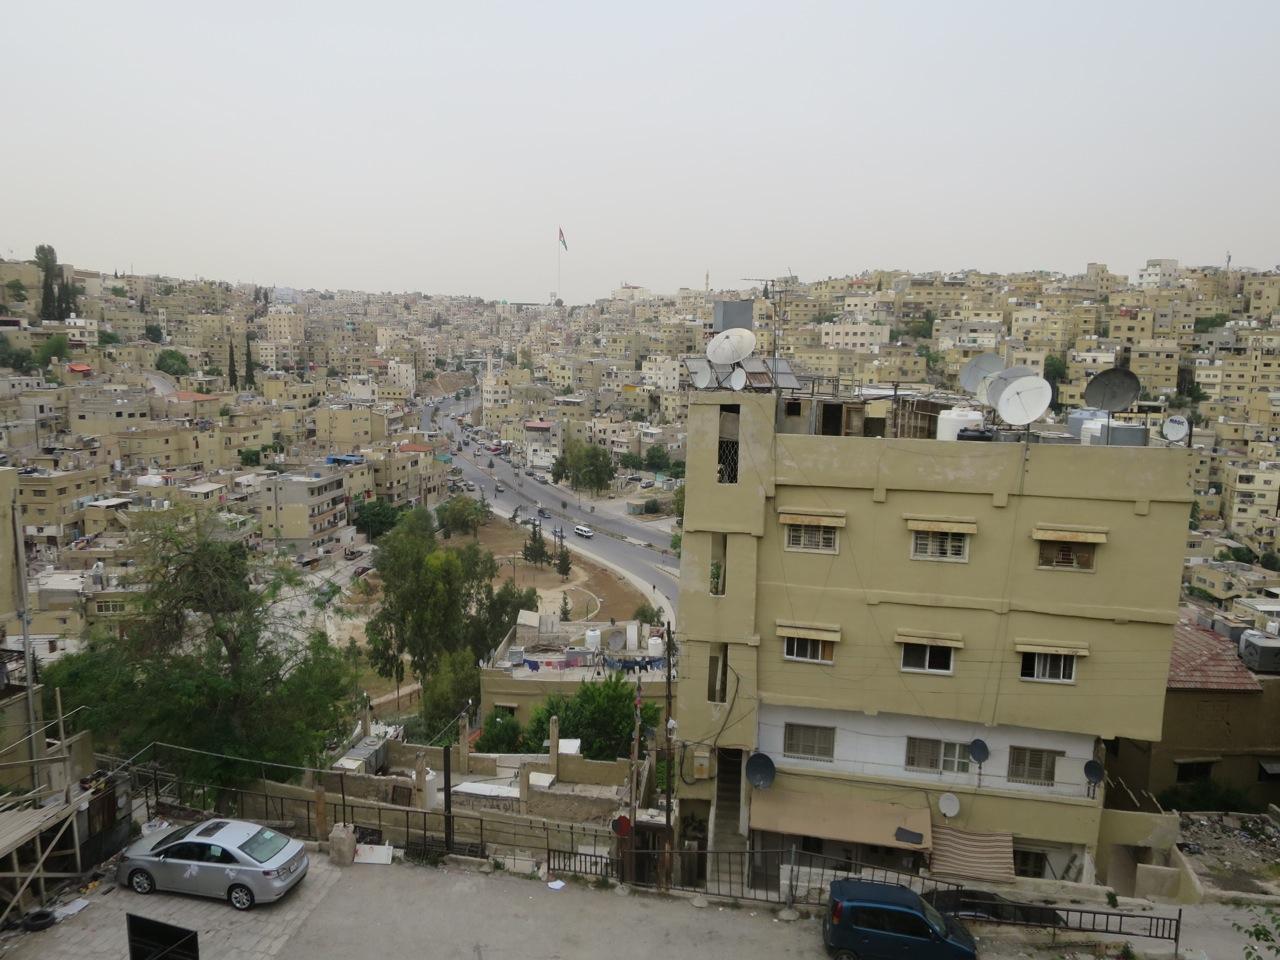 Amman 1-11